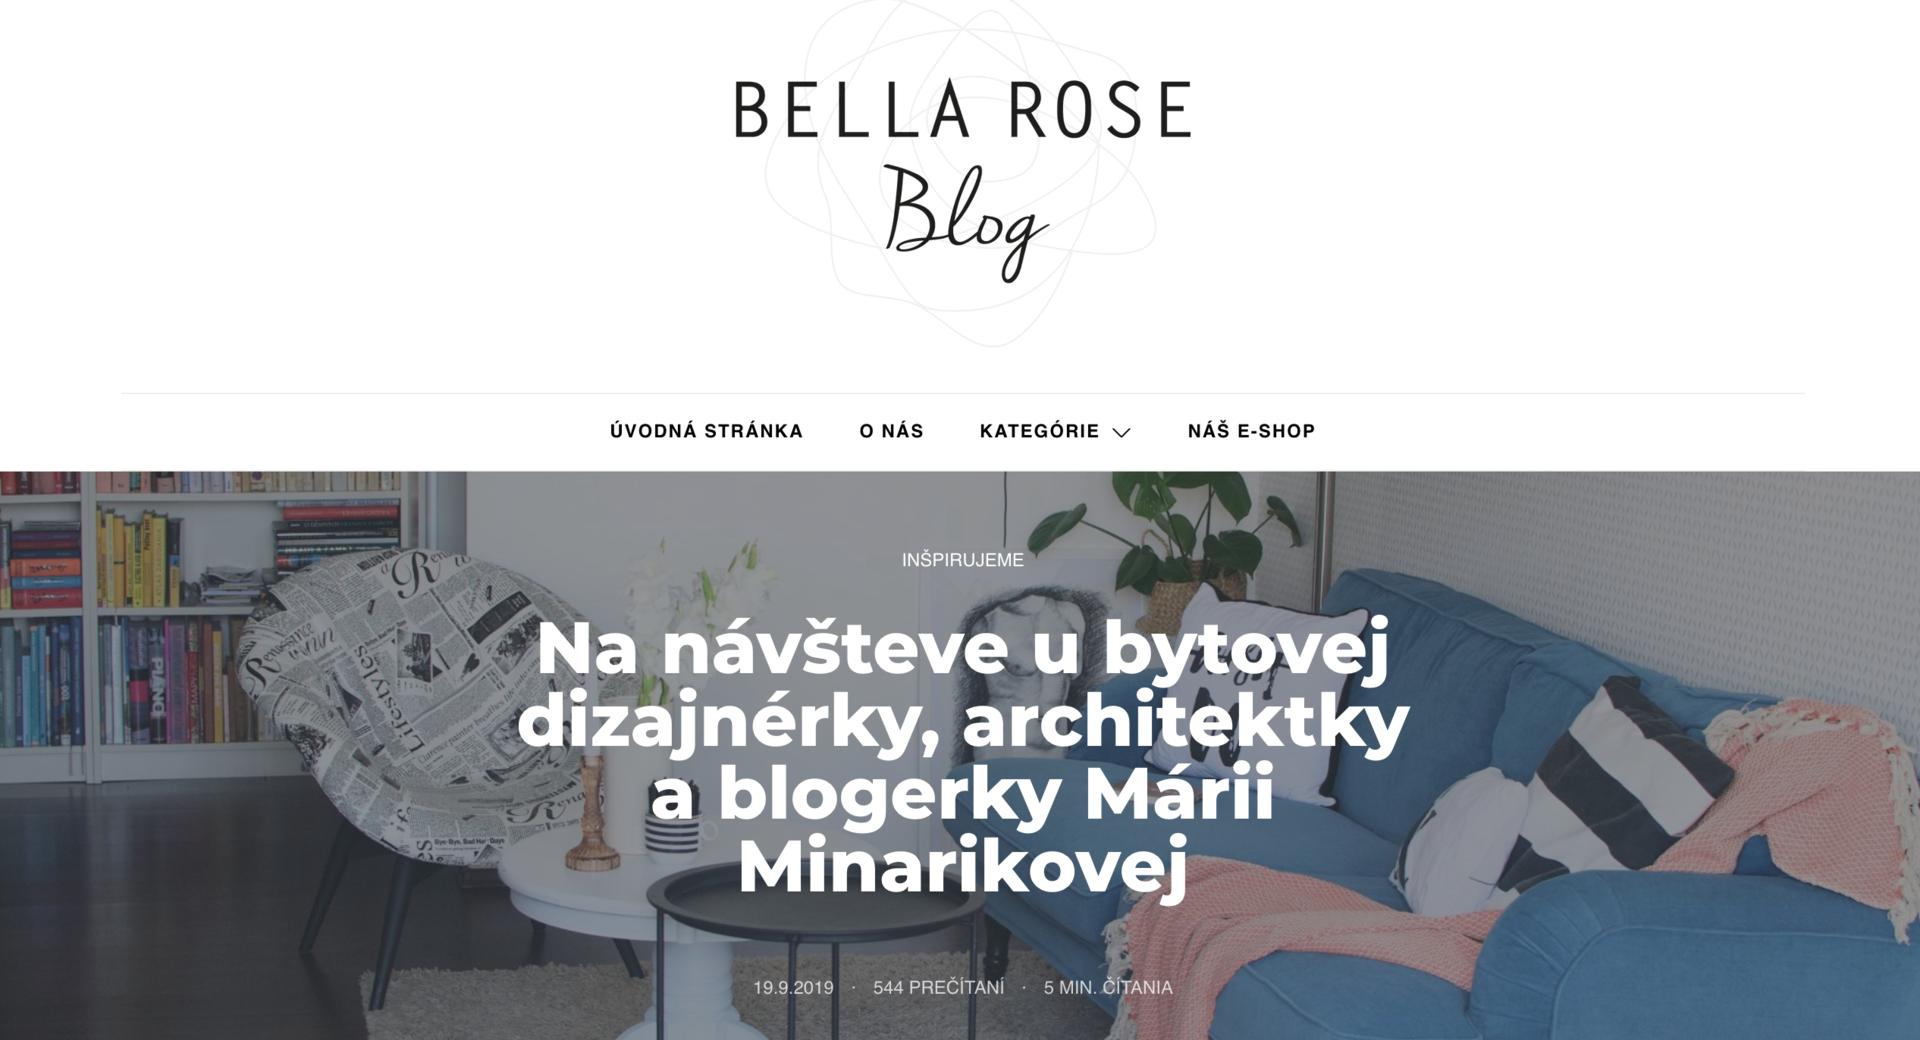 Bellarose blog